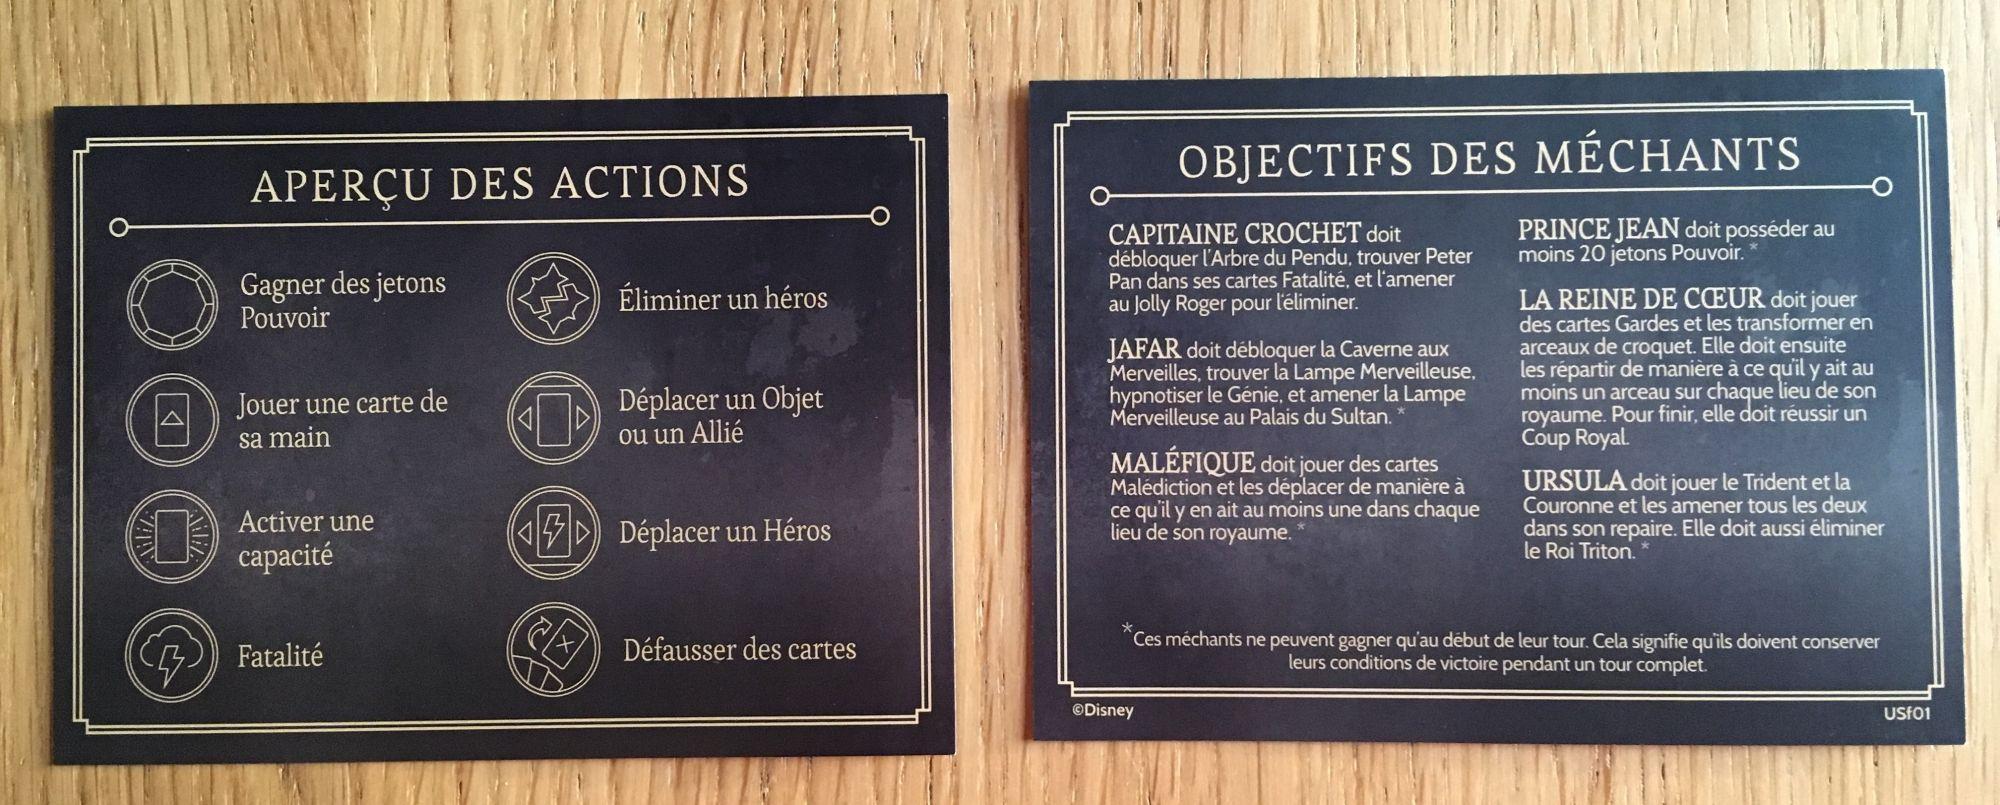 Les actions et les objectifs